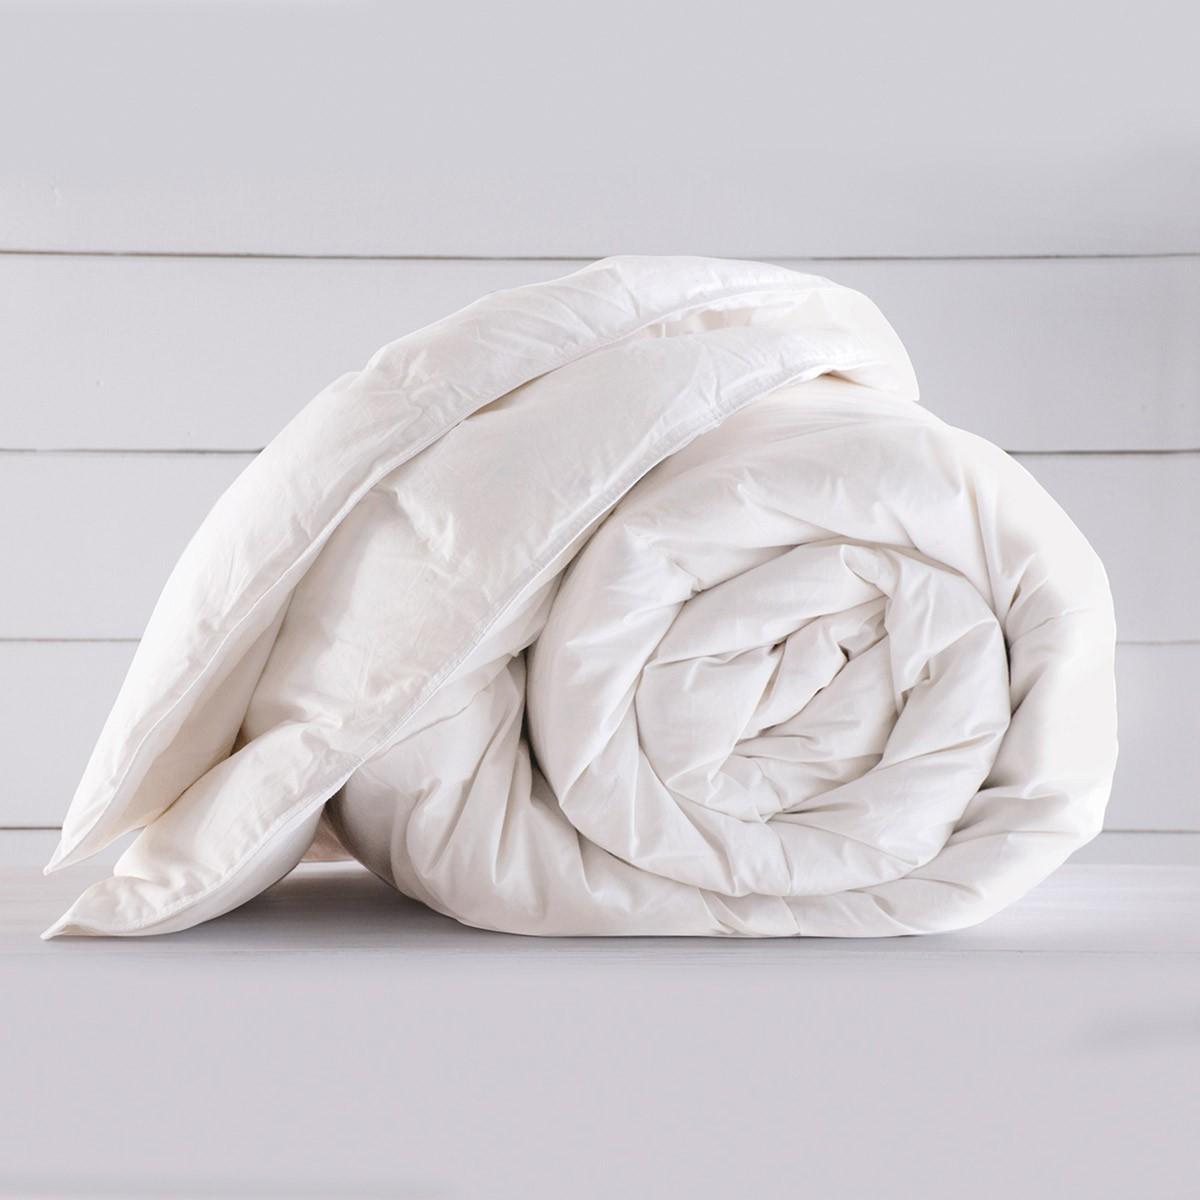 Πάπλωμα Πουπουλένιο Μονό Rythmos 95/5 home   κρεβατοκάμαρα   παπλώματα   παπλώματα πουπουλένια